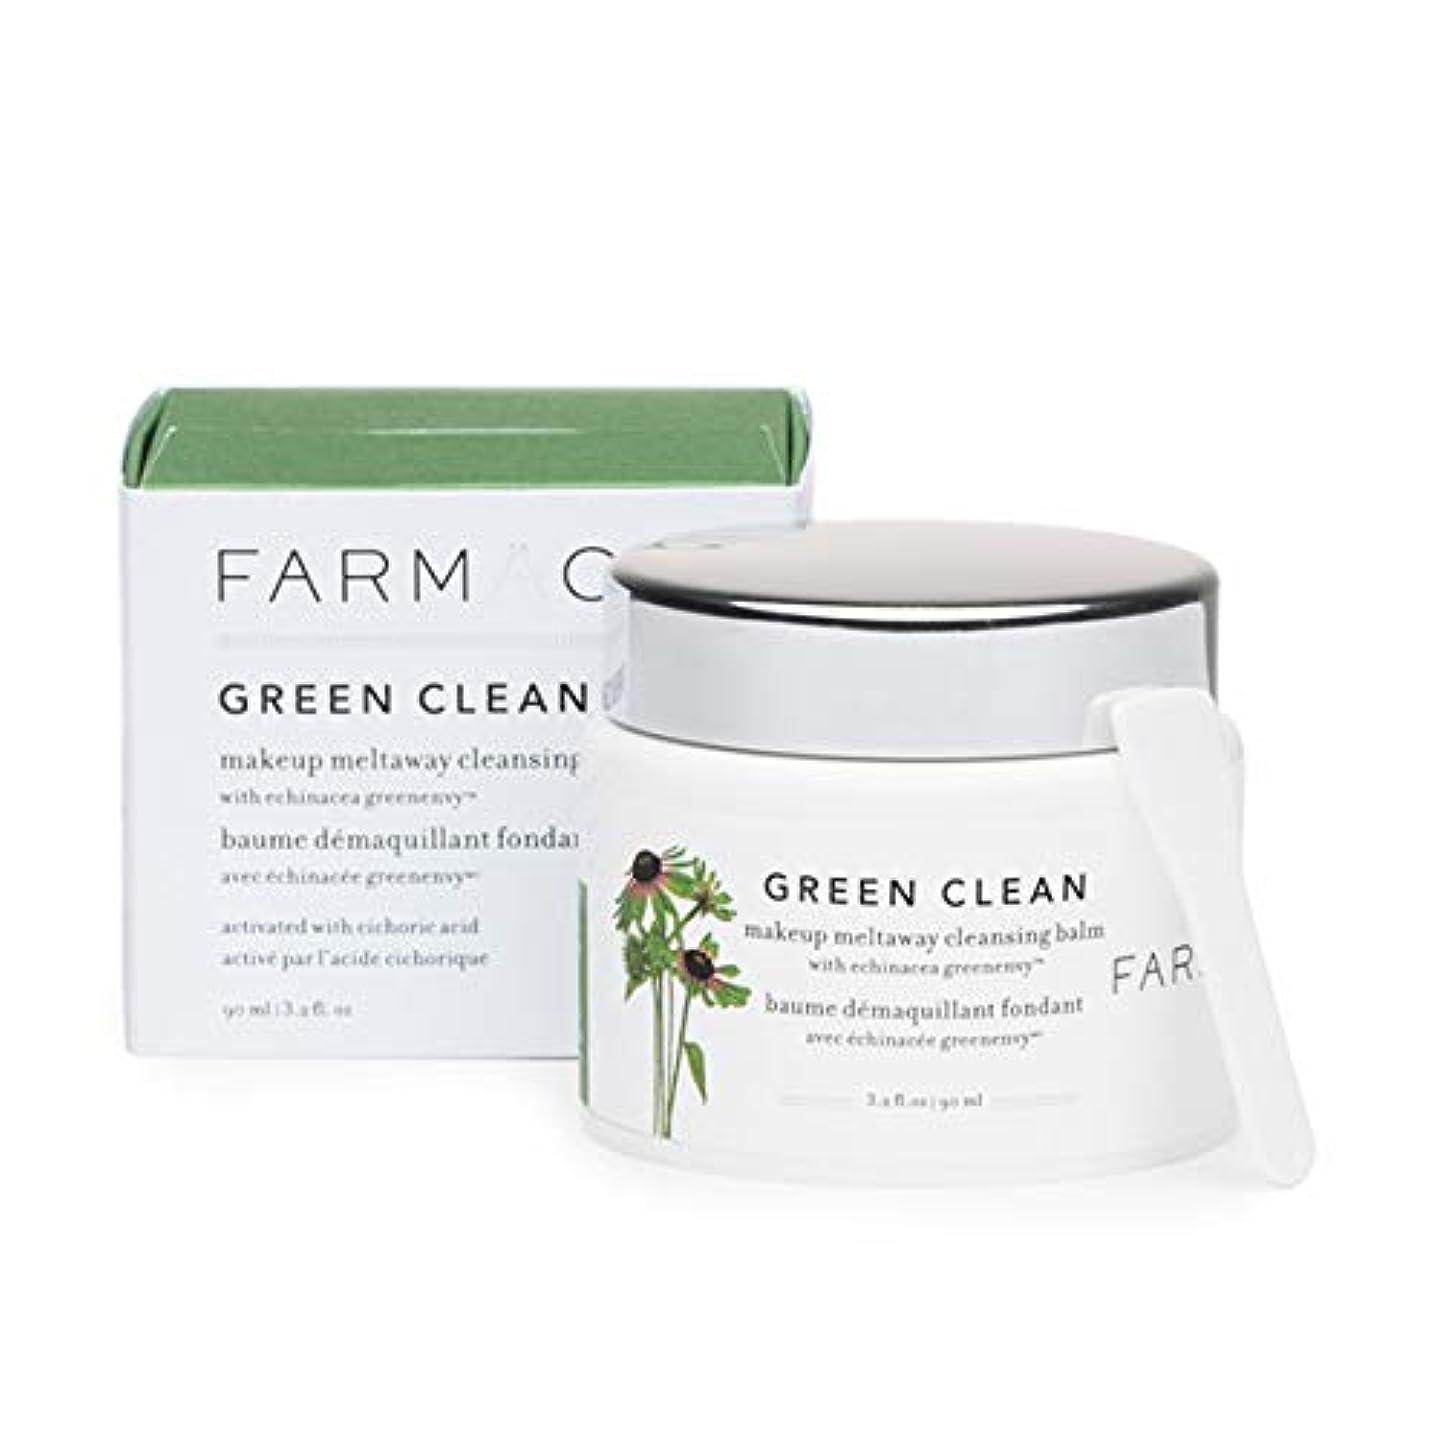 産地プロット広告[FARMACY] GREEN CLEAN 90ml / ファーマシーグリーンクリーン 90ml [並行輸入品]